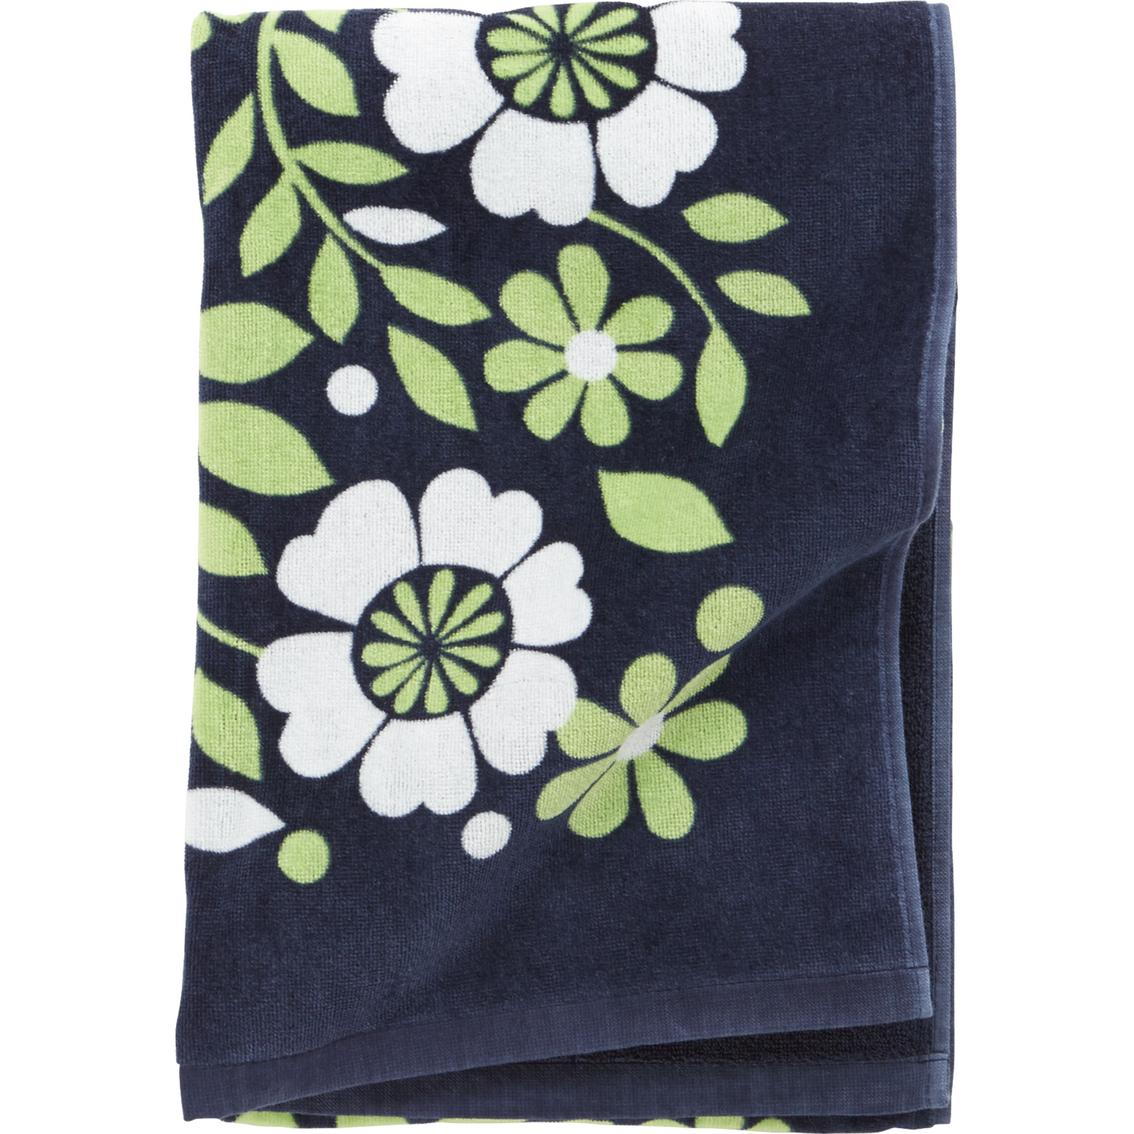 Vera Bradley Whale Beach Towel: Vera Bradley Beach Towel Lucky You